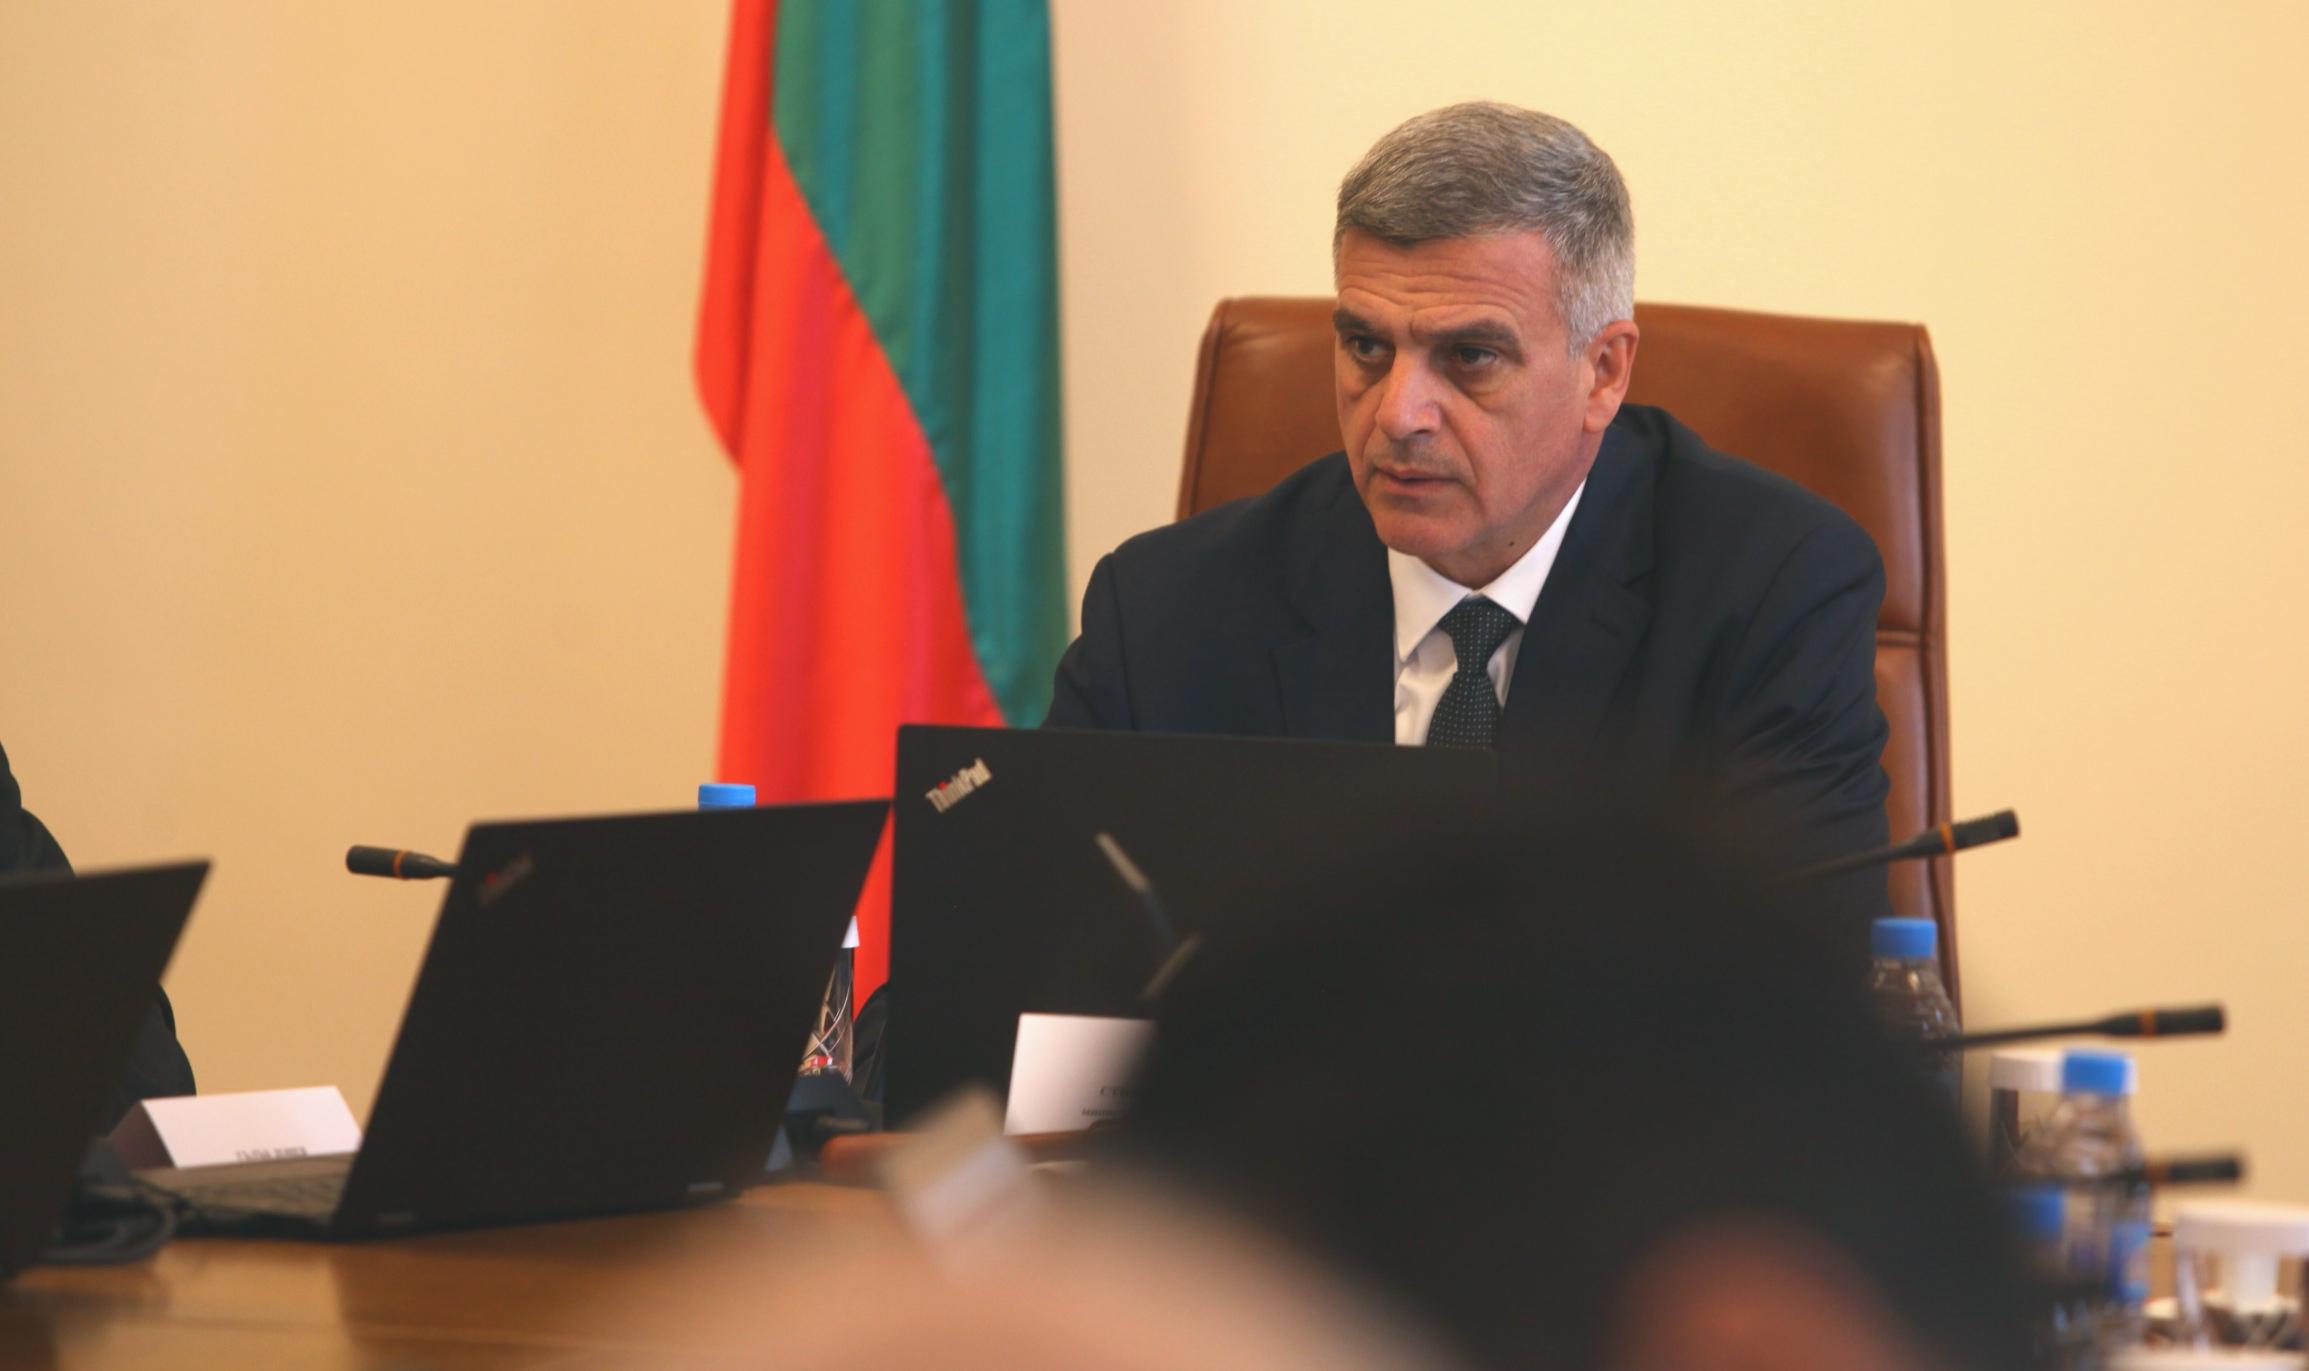 България няма да подкрепи преговорната рамка с РС Македония в